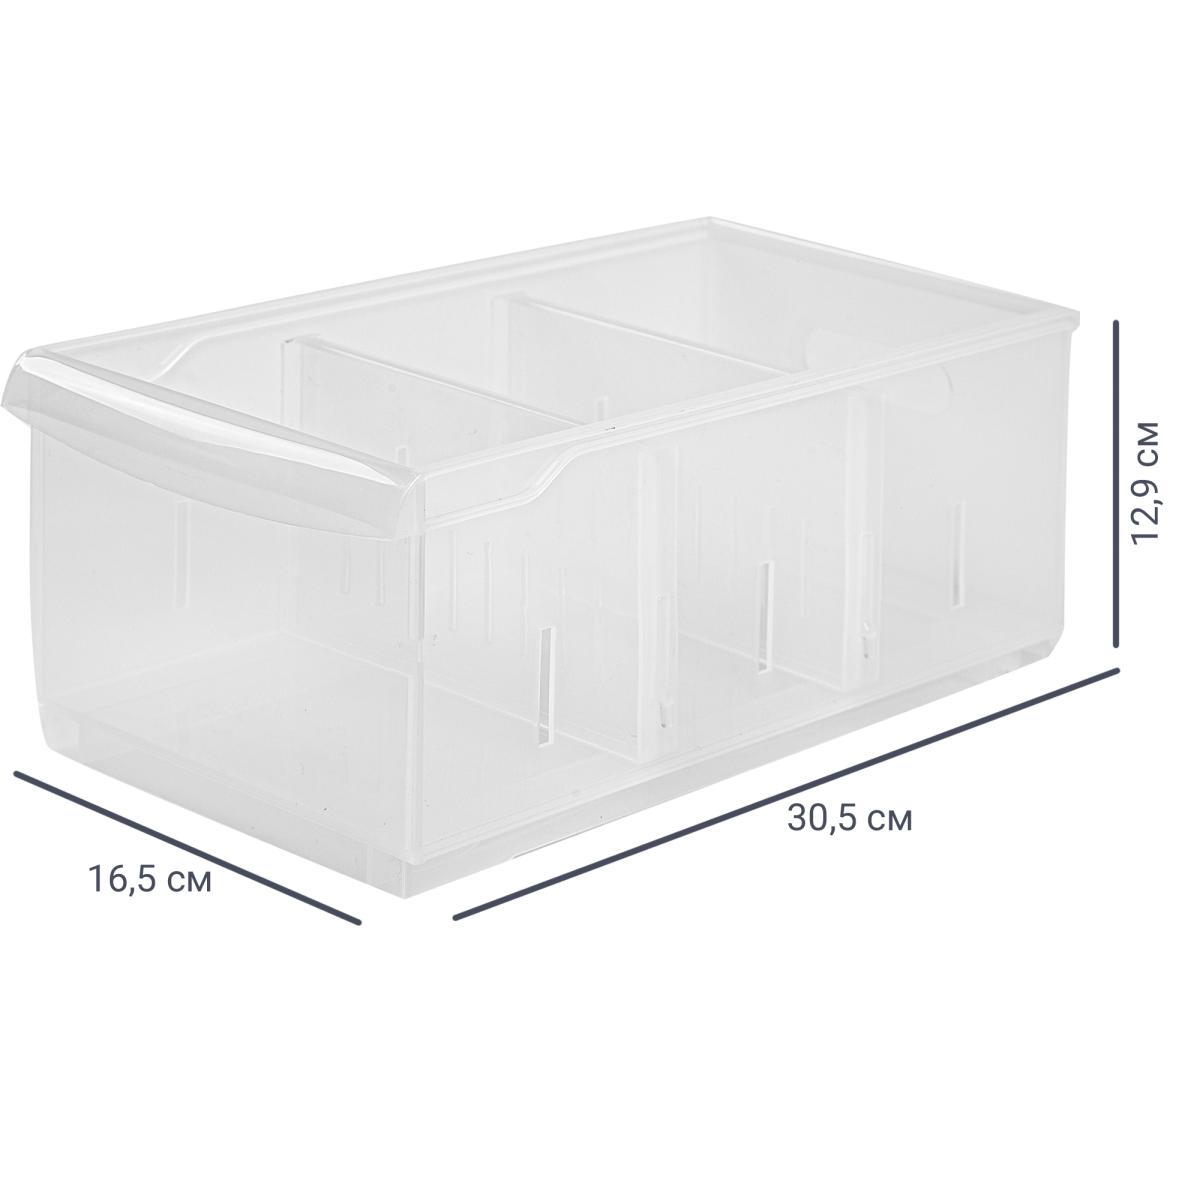 Контейнер Rolly 16.5x30.5x12.9 см 5 л пластик цвет прозрачный